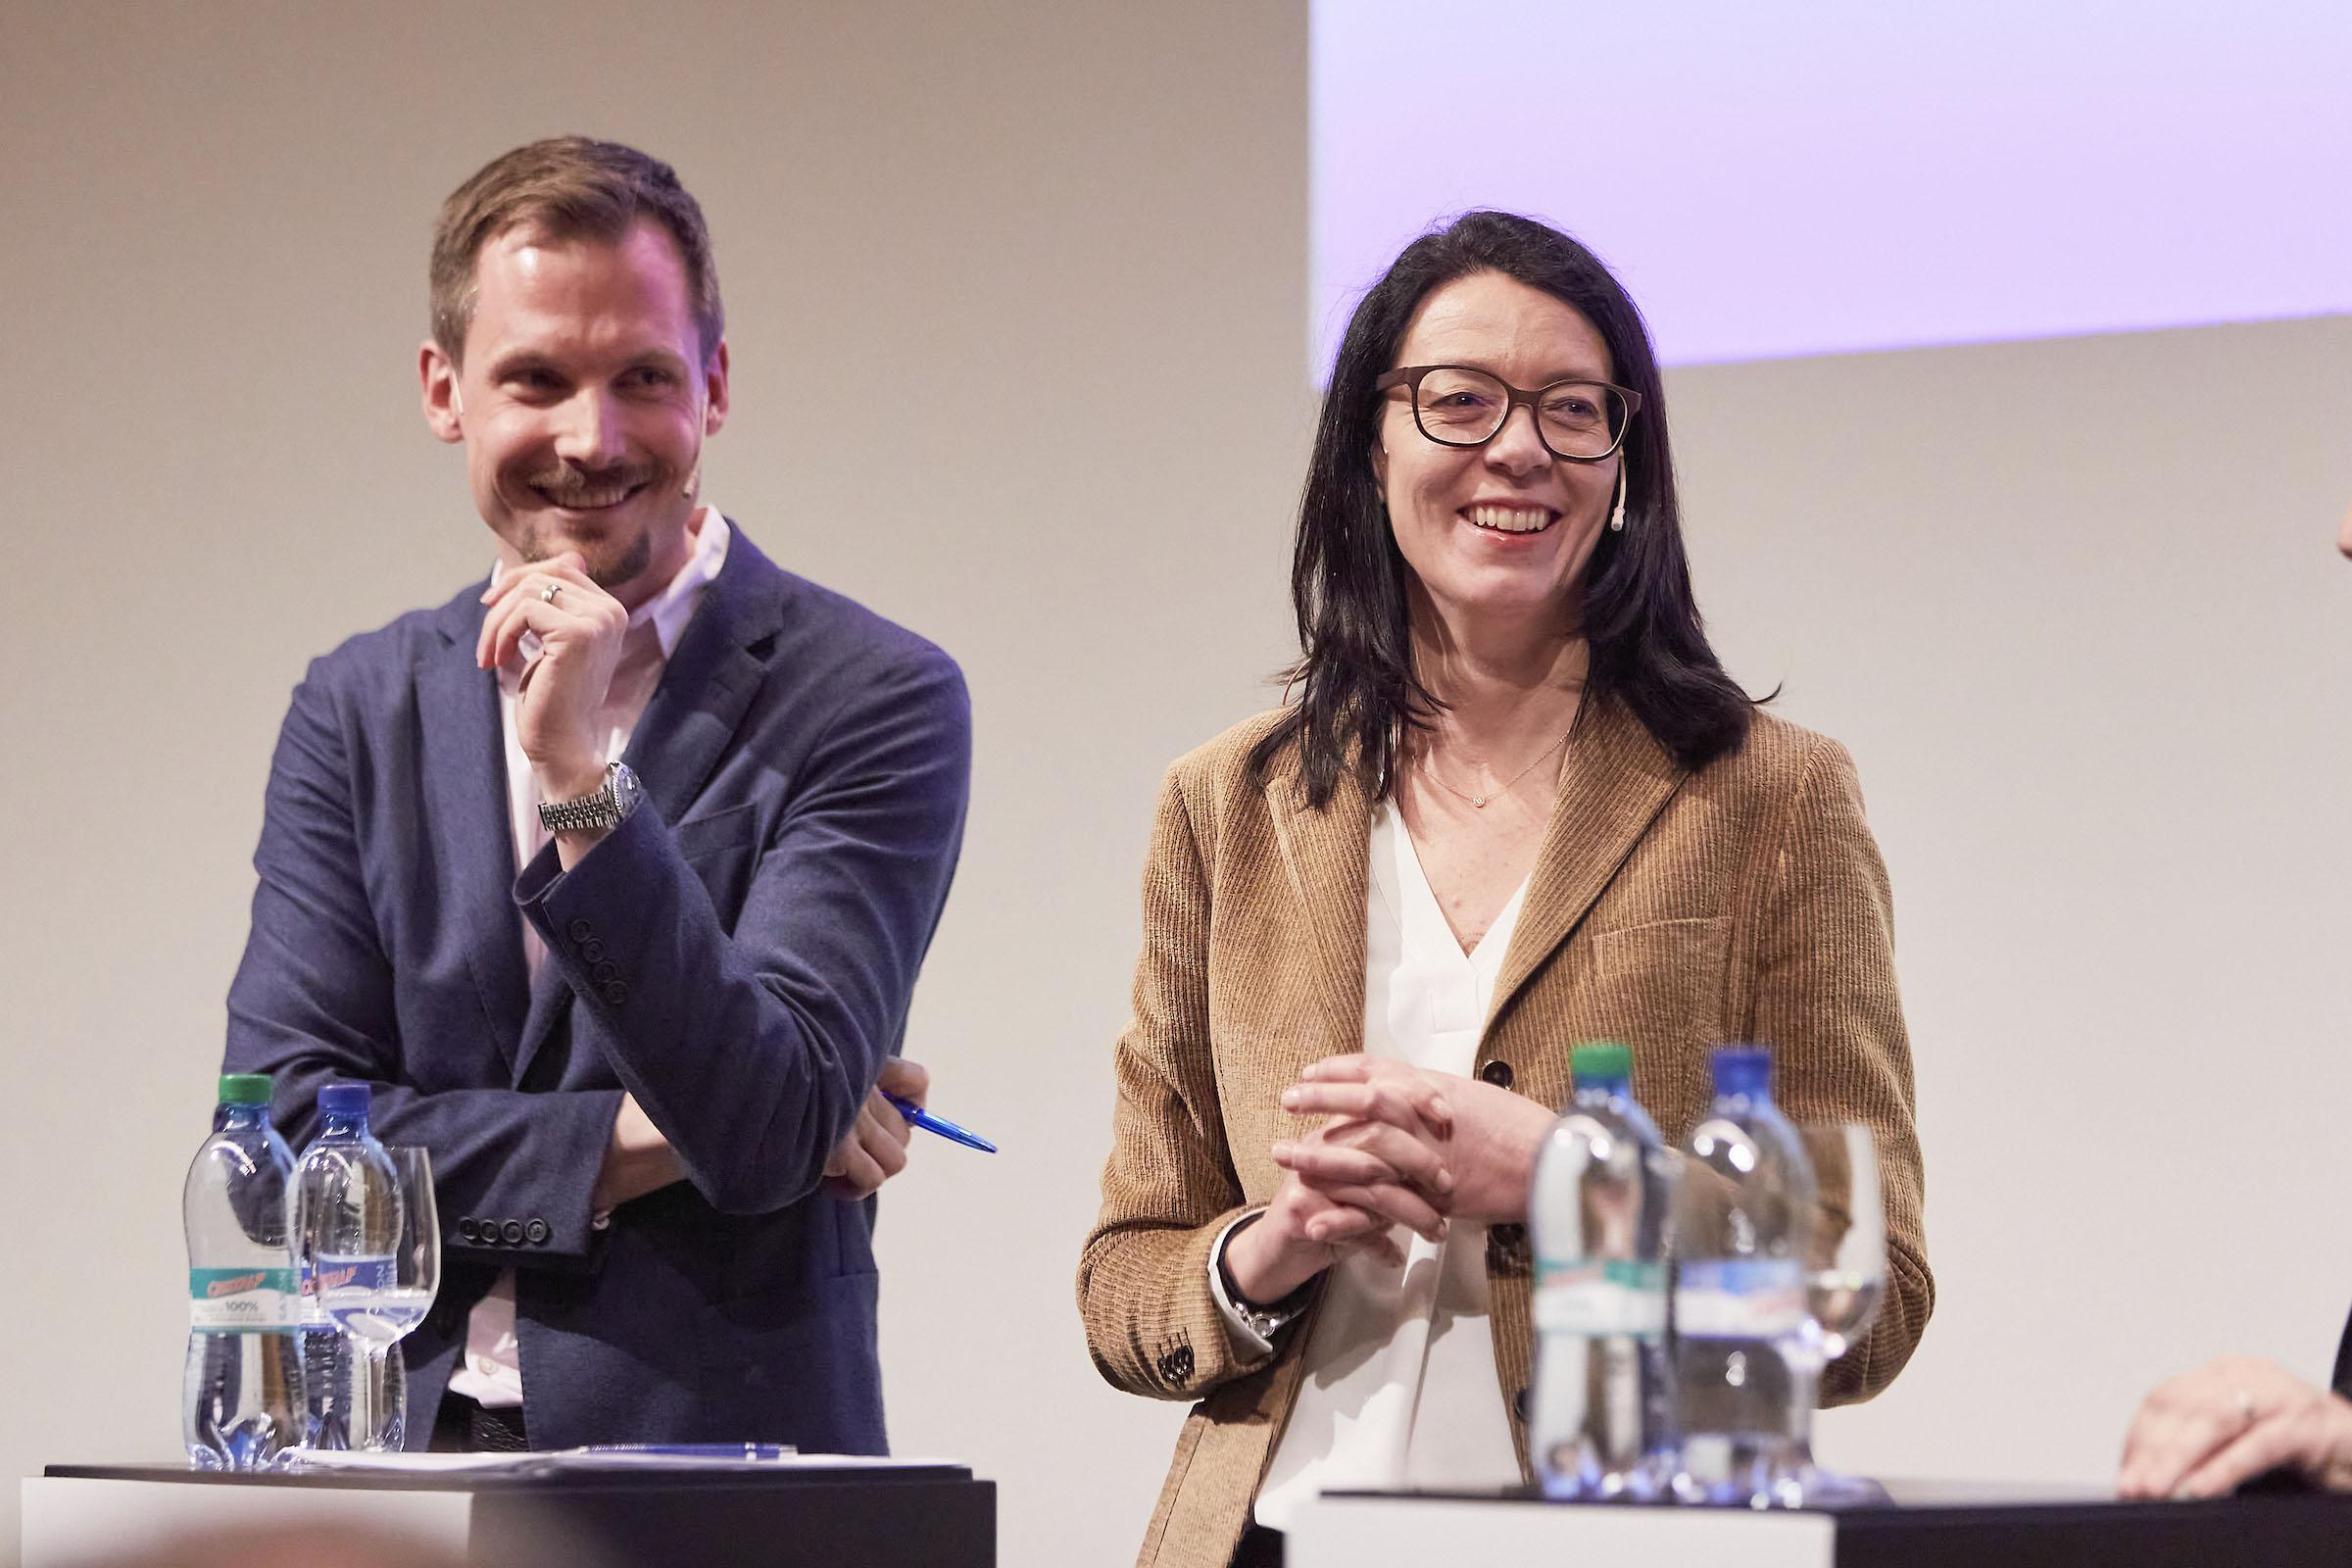 Jonas Projer und Nathalie Wappler am Communication Summit 2020.